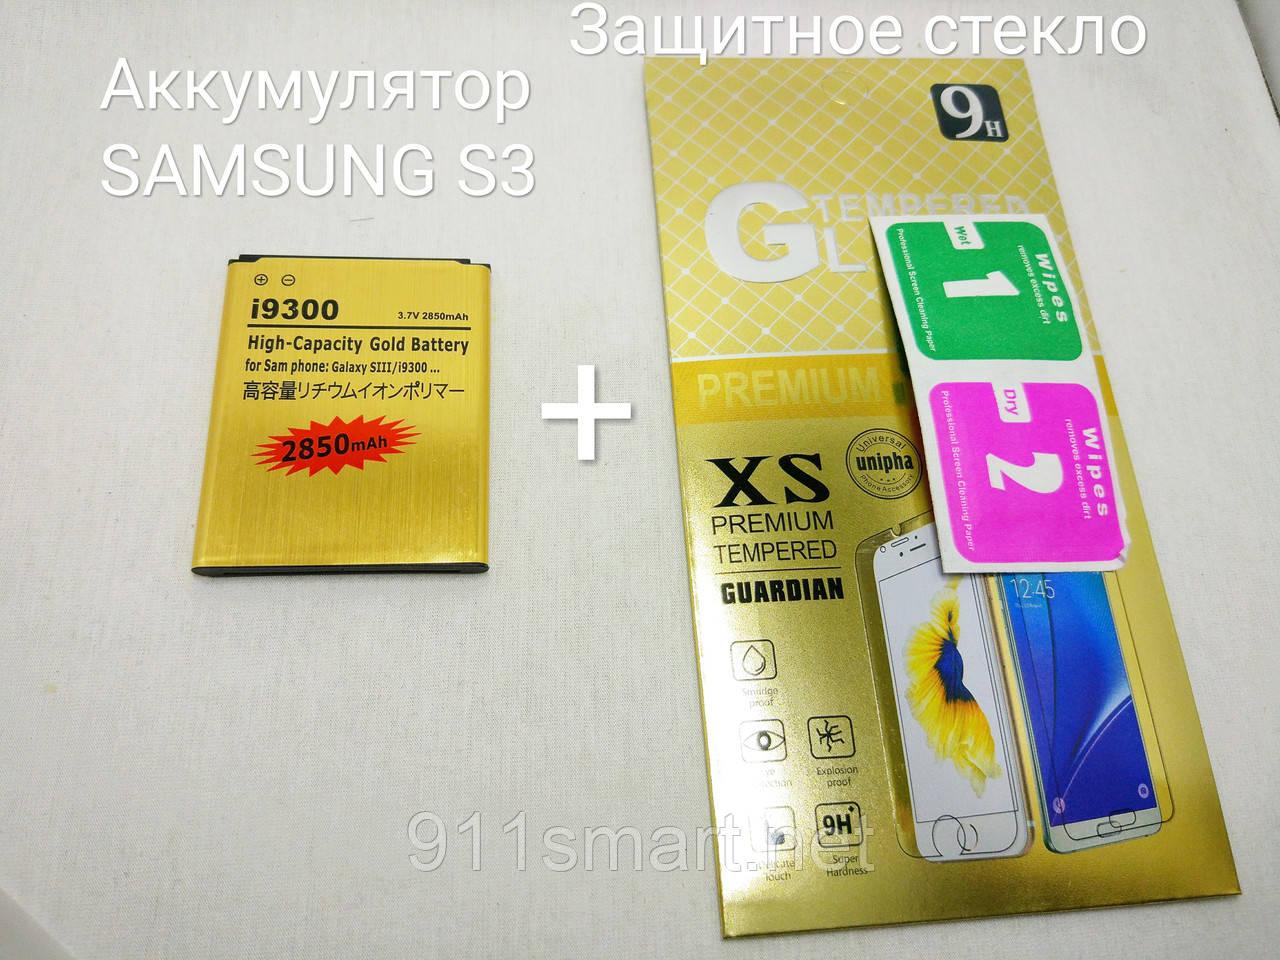 Усиленный аккумулятор Samsung Galaxy S3 i9300 EB-L1G6LLU